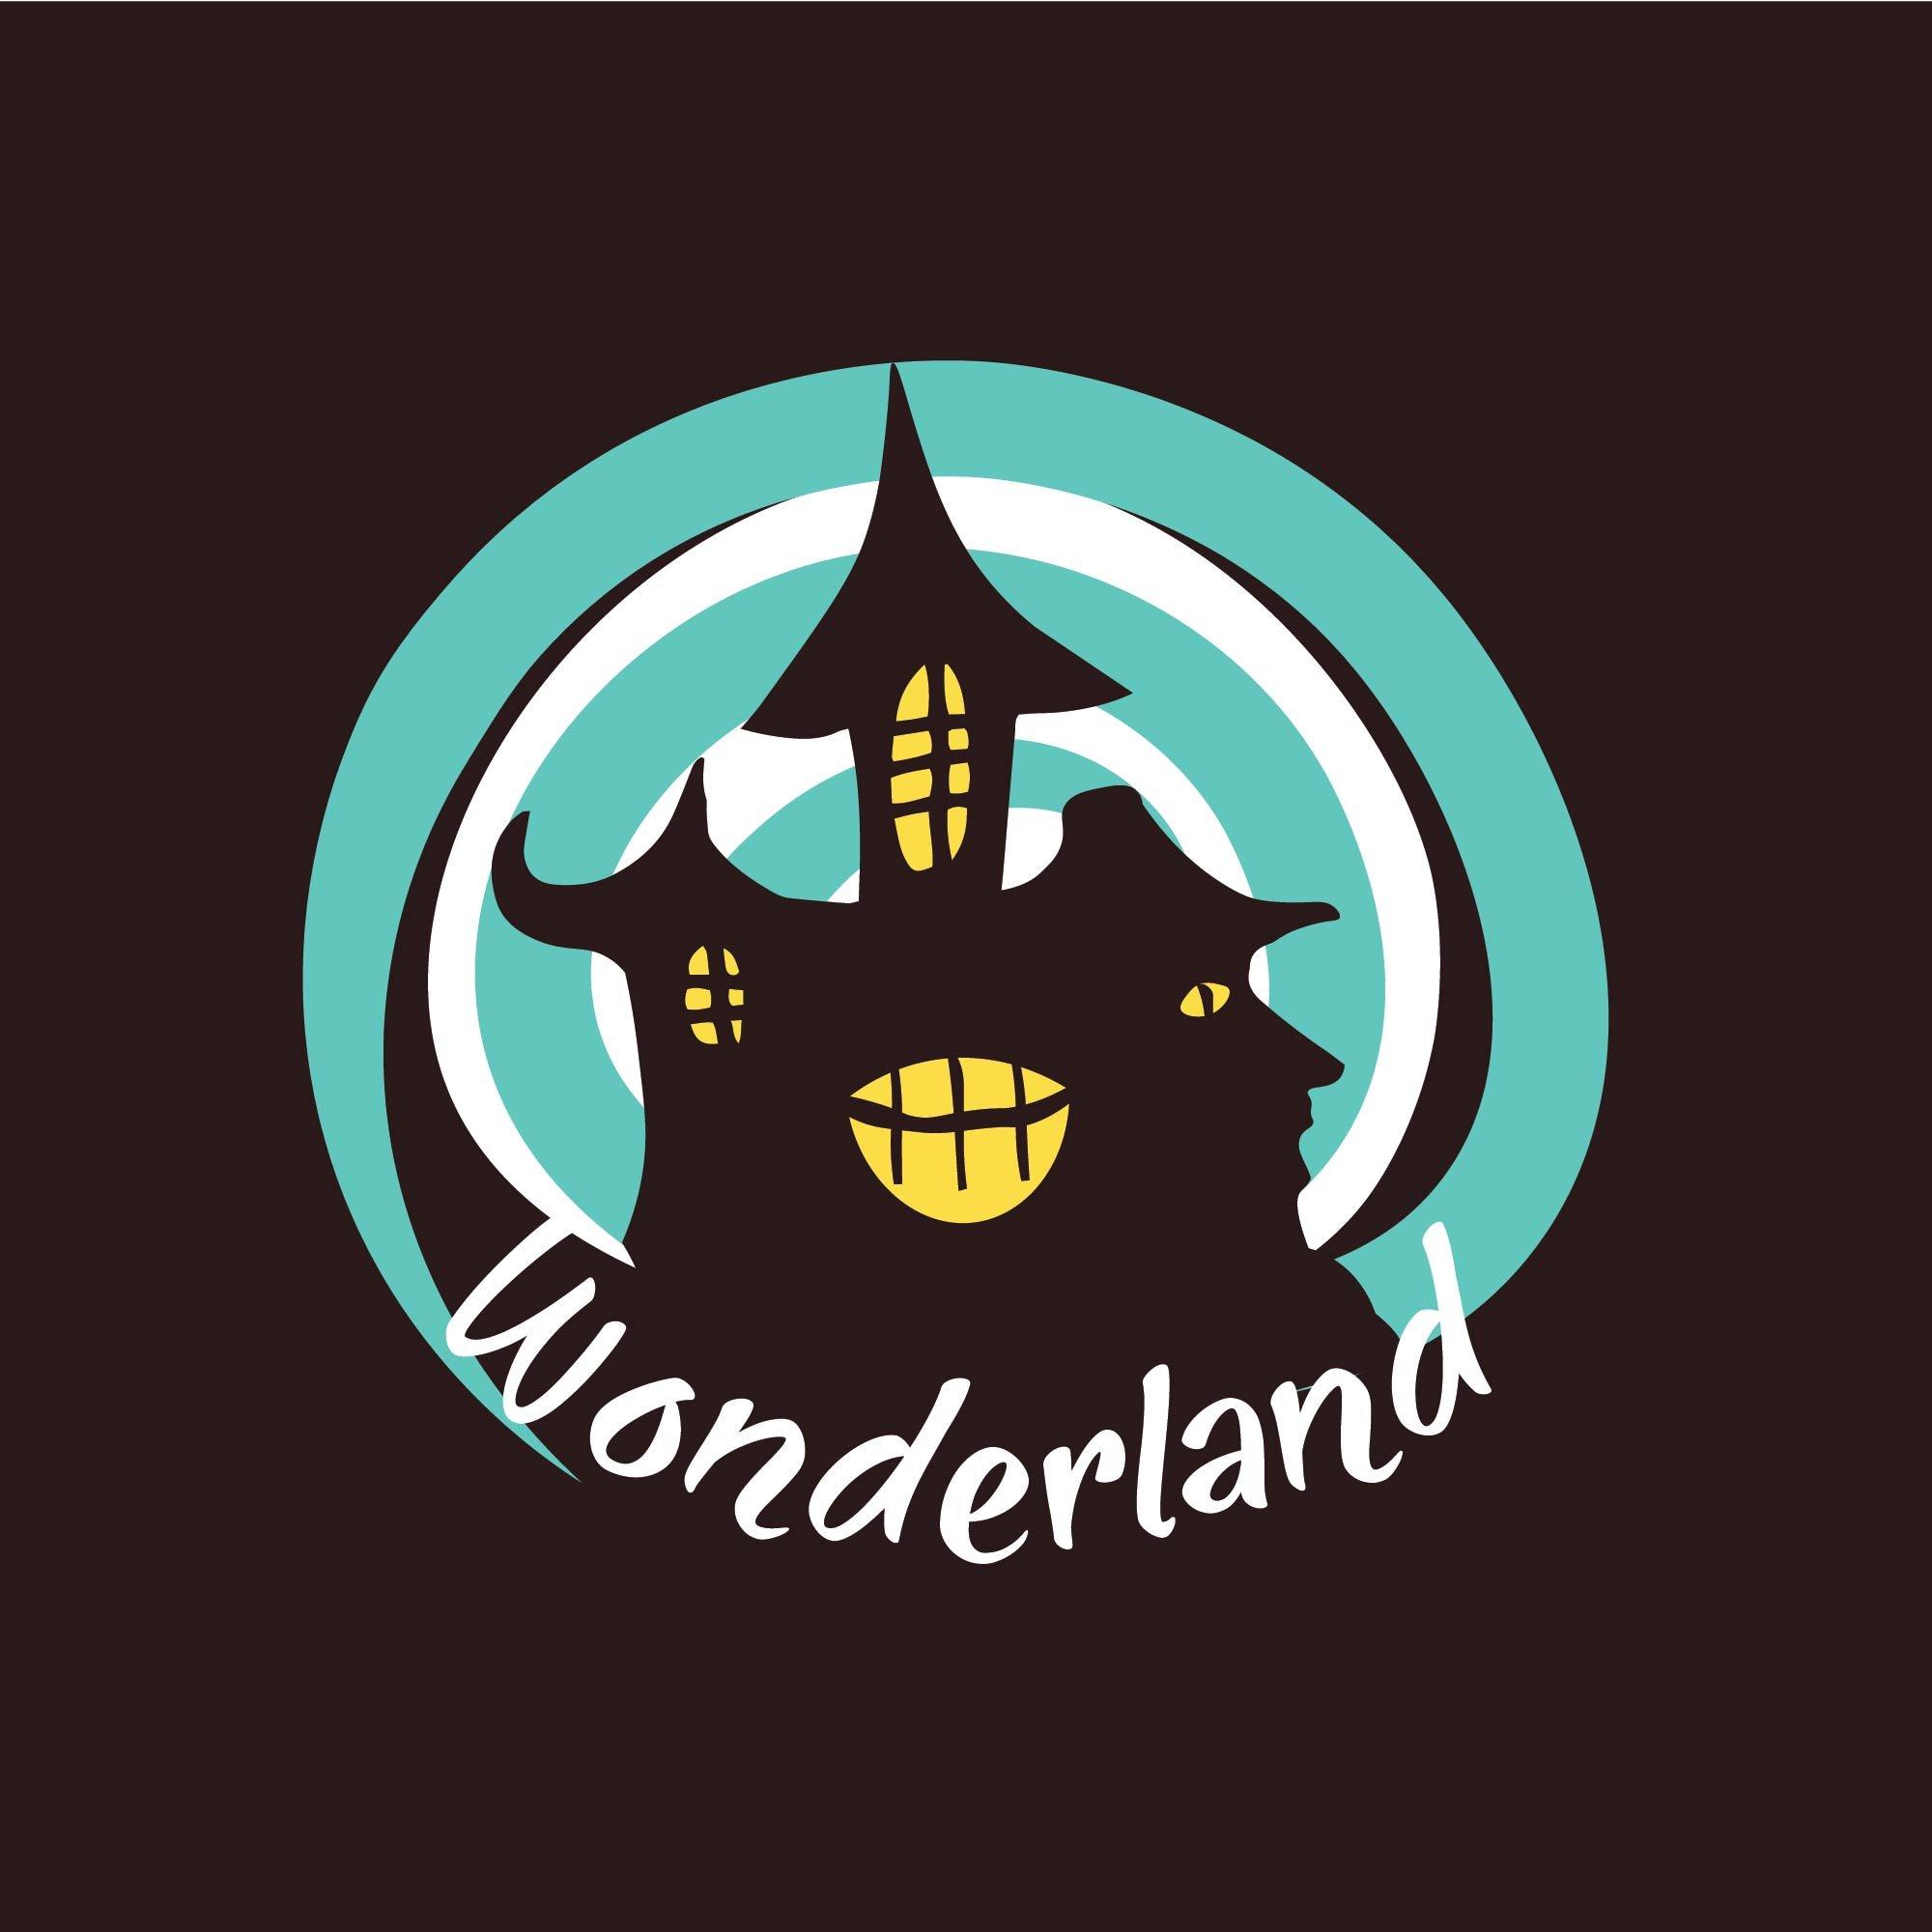 Логотип Wonderland